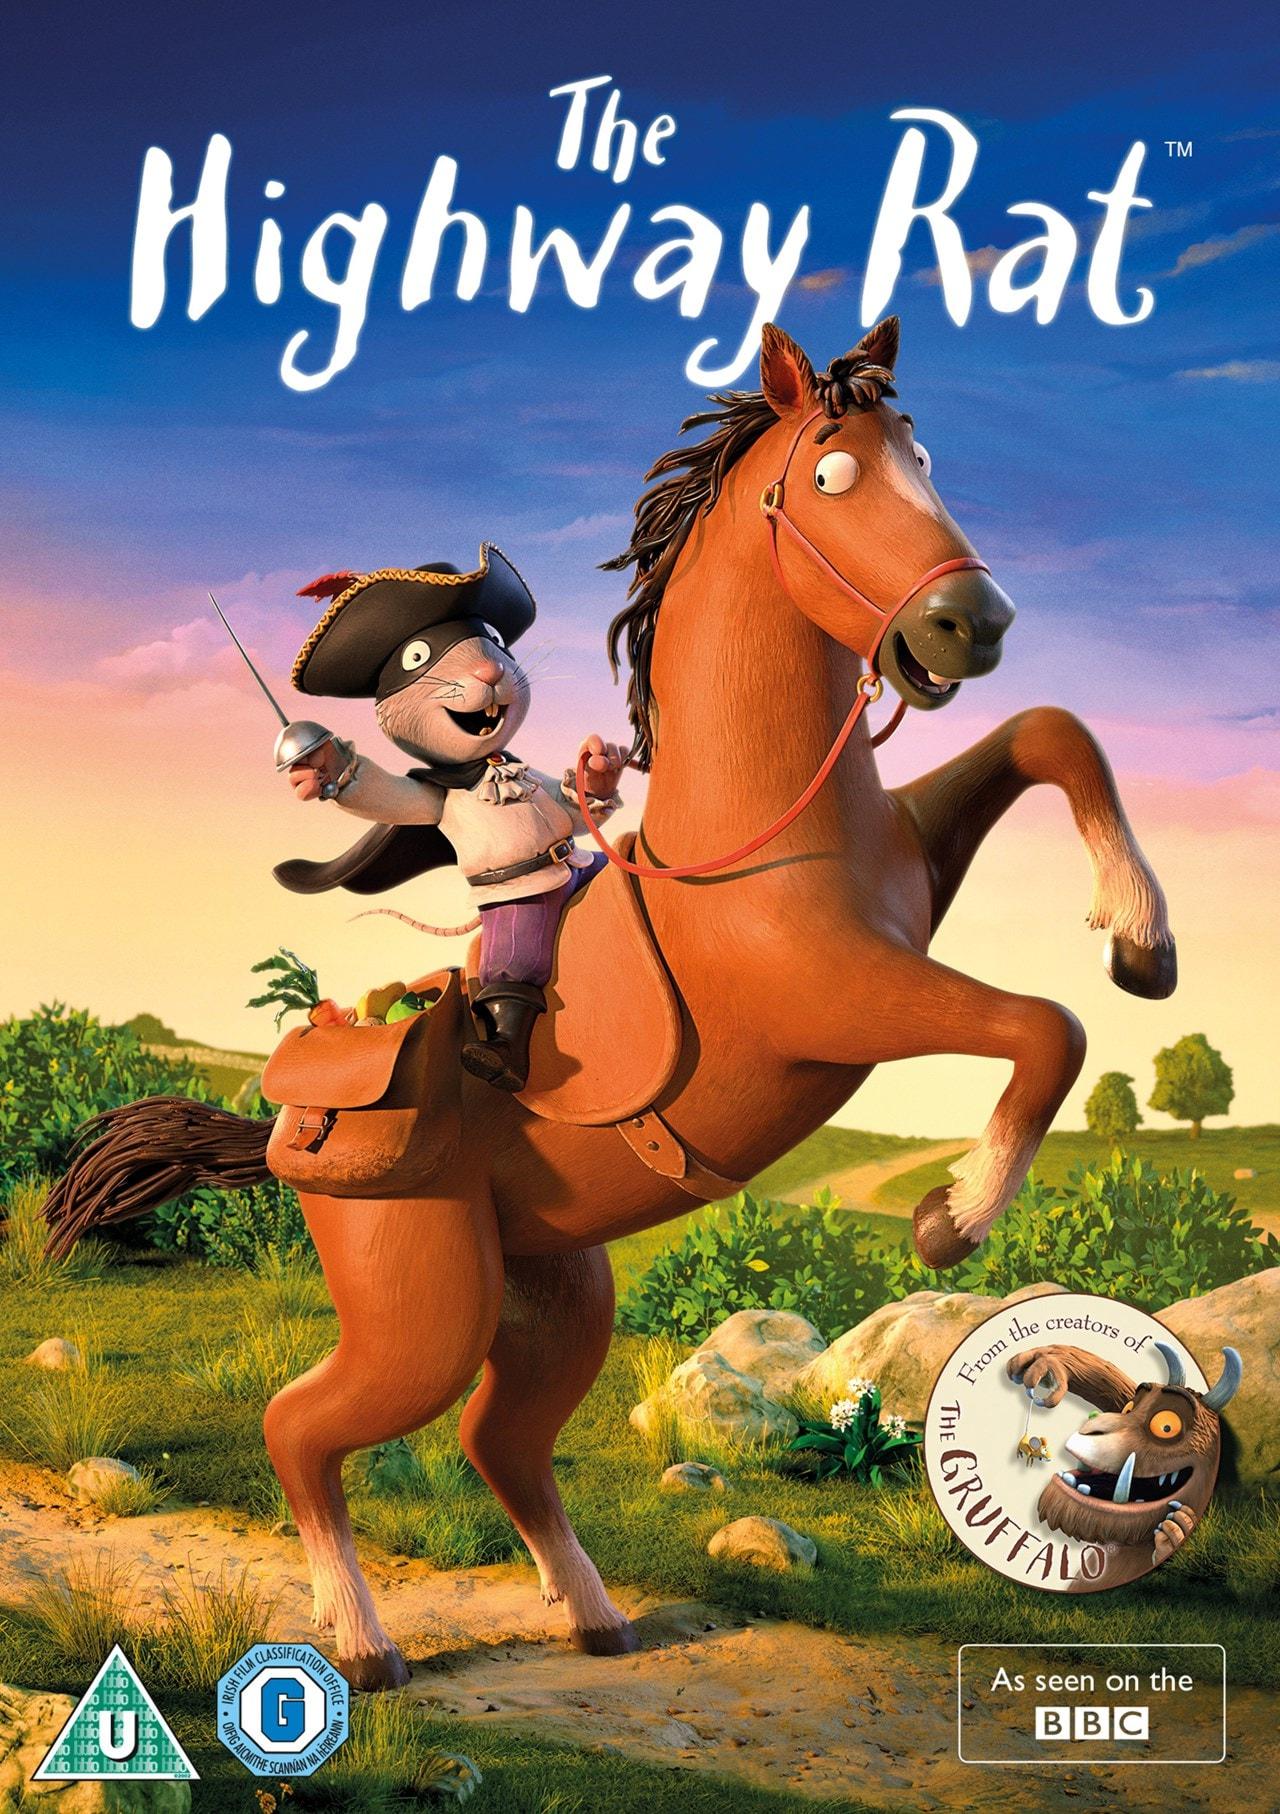 The Highway Rat - 1